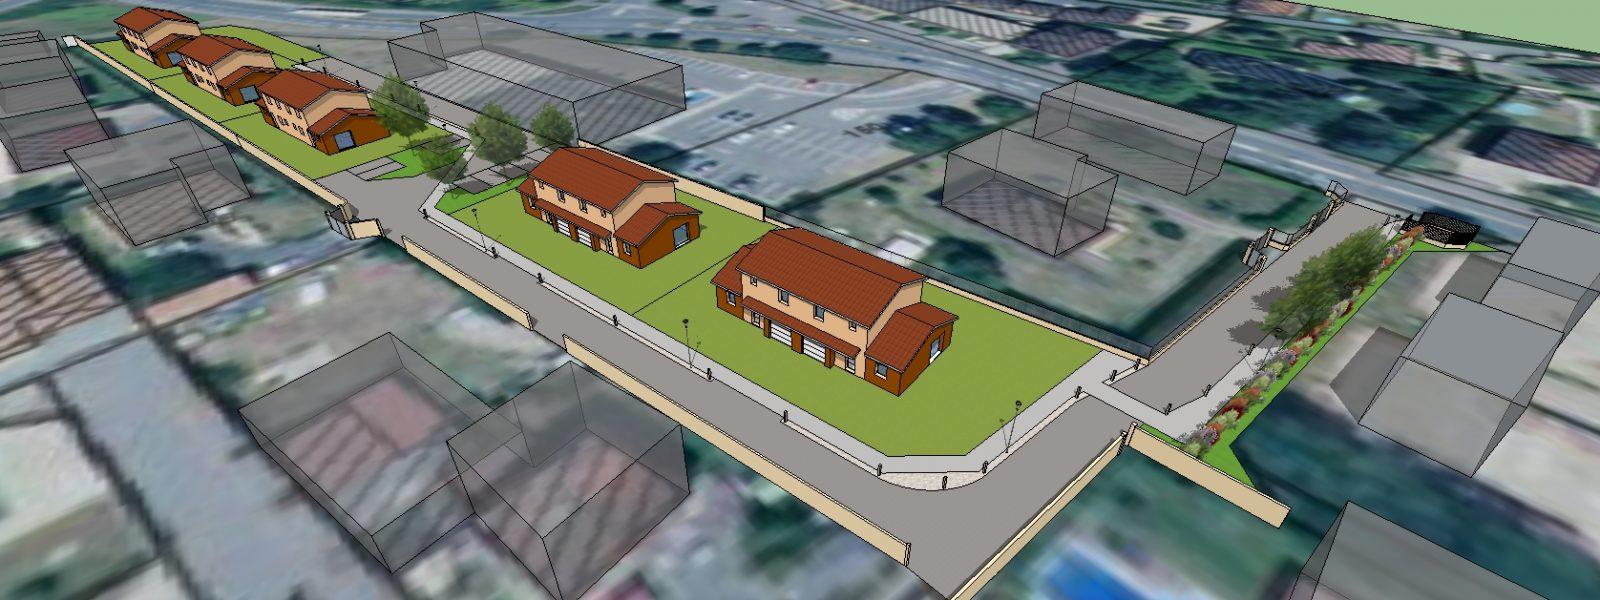 ESPACE ARTHUR - Visuel 1 - Impact immobilier 01